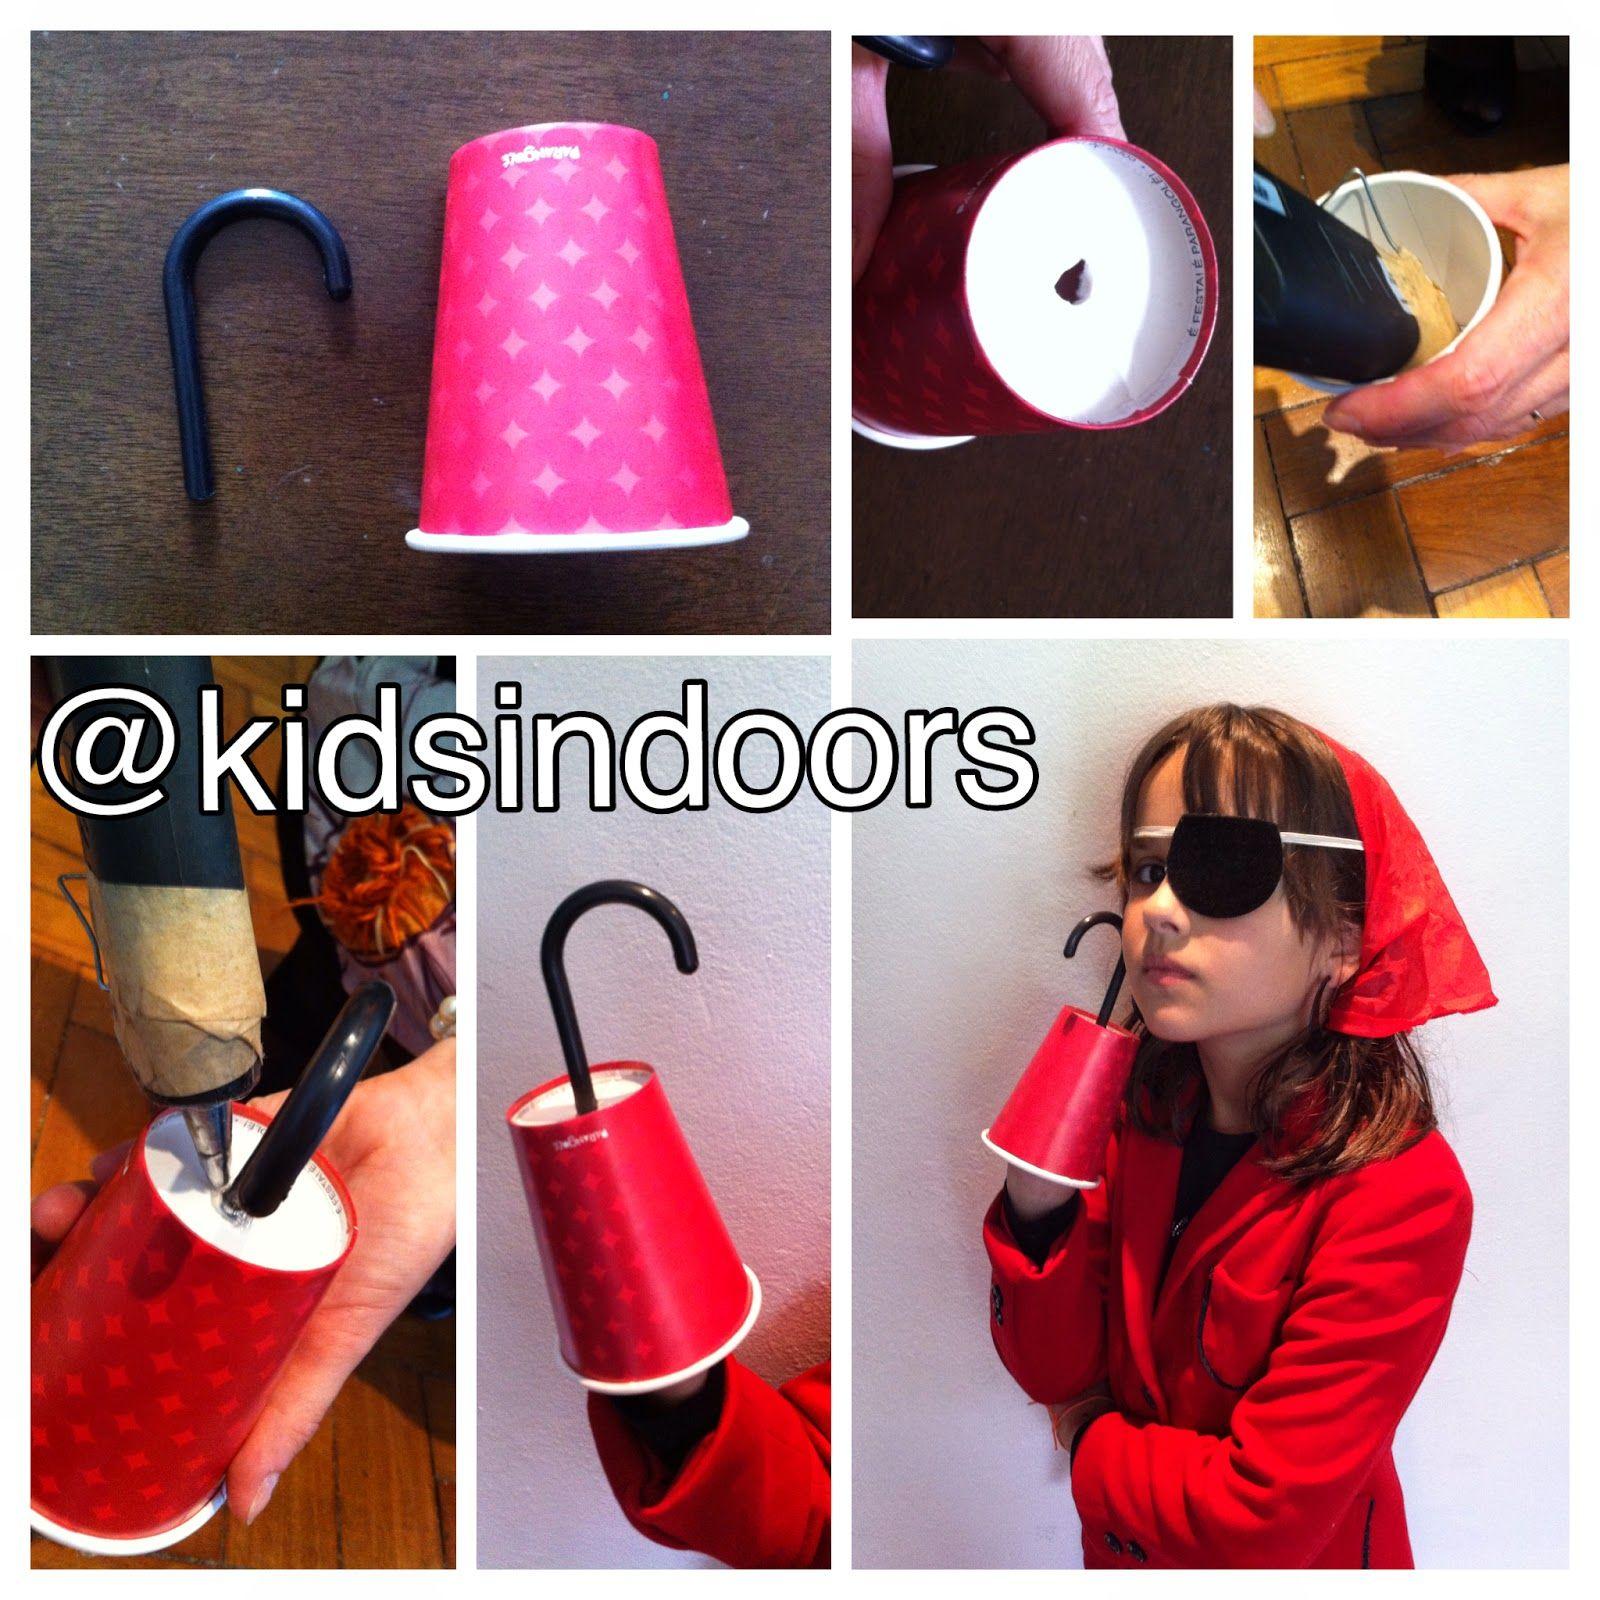 Gancho de pirata homemade   copinho de papel da (usei da marca Parangolé) +  pedaço de cabide de plástico + cola q. 9153b68d1c1